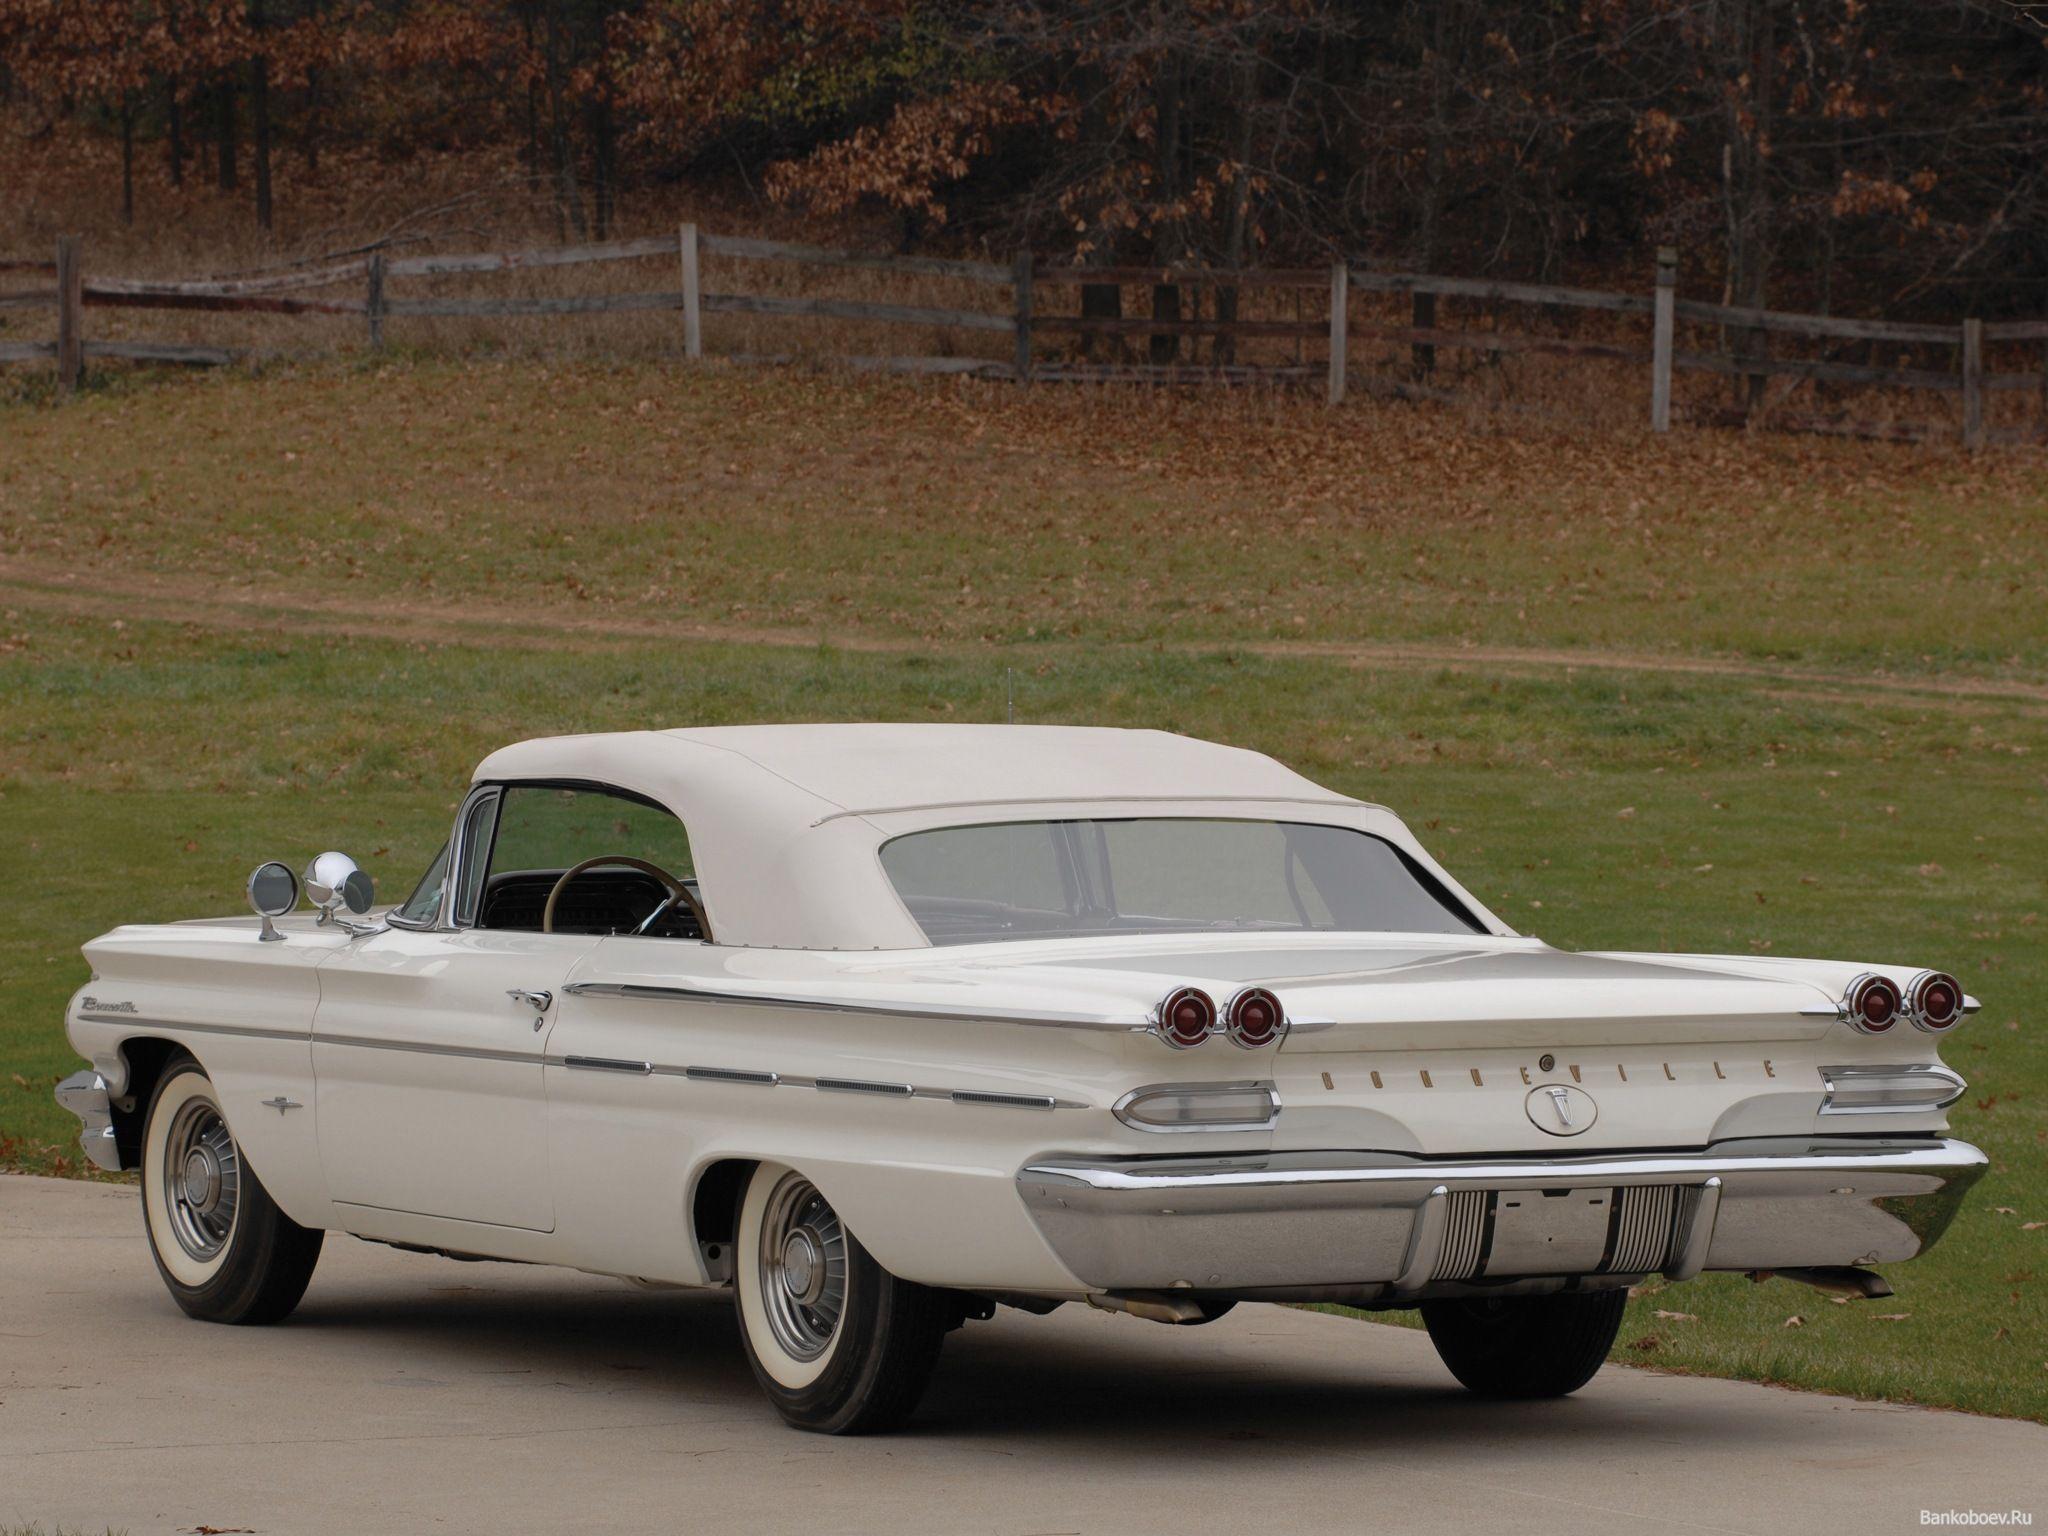 Hd Oboi 1960 Pontiac Bonneville Convertible White Back To 1280 X 960 3d Kartinki Pontiac Bonneville Pontiac Cars Pontiac